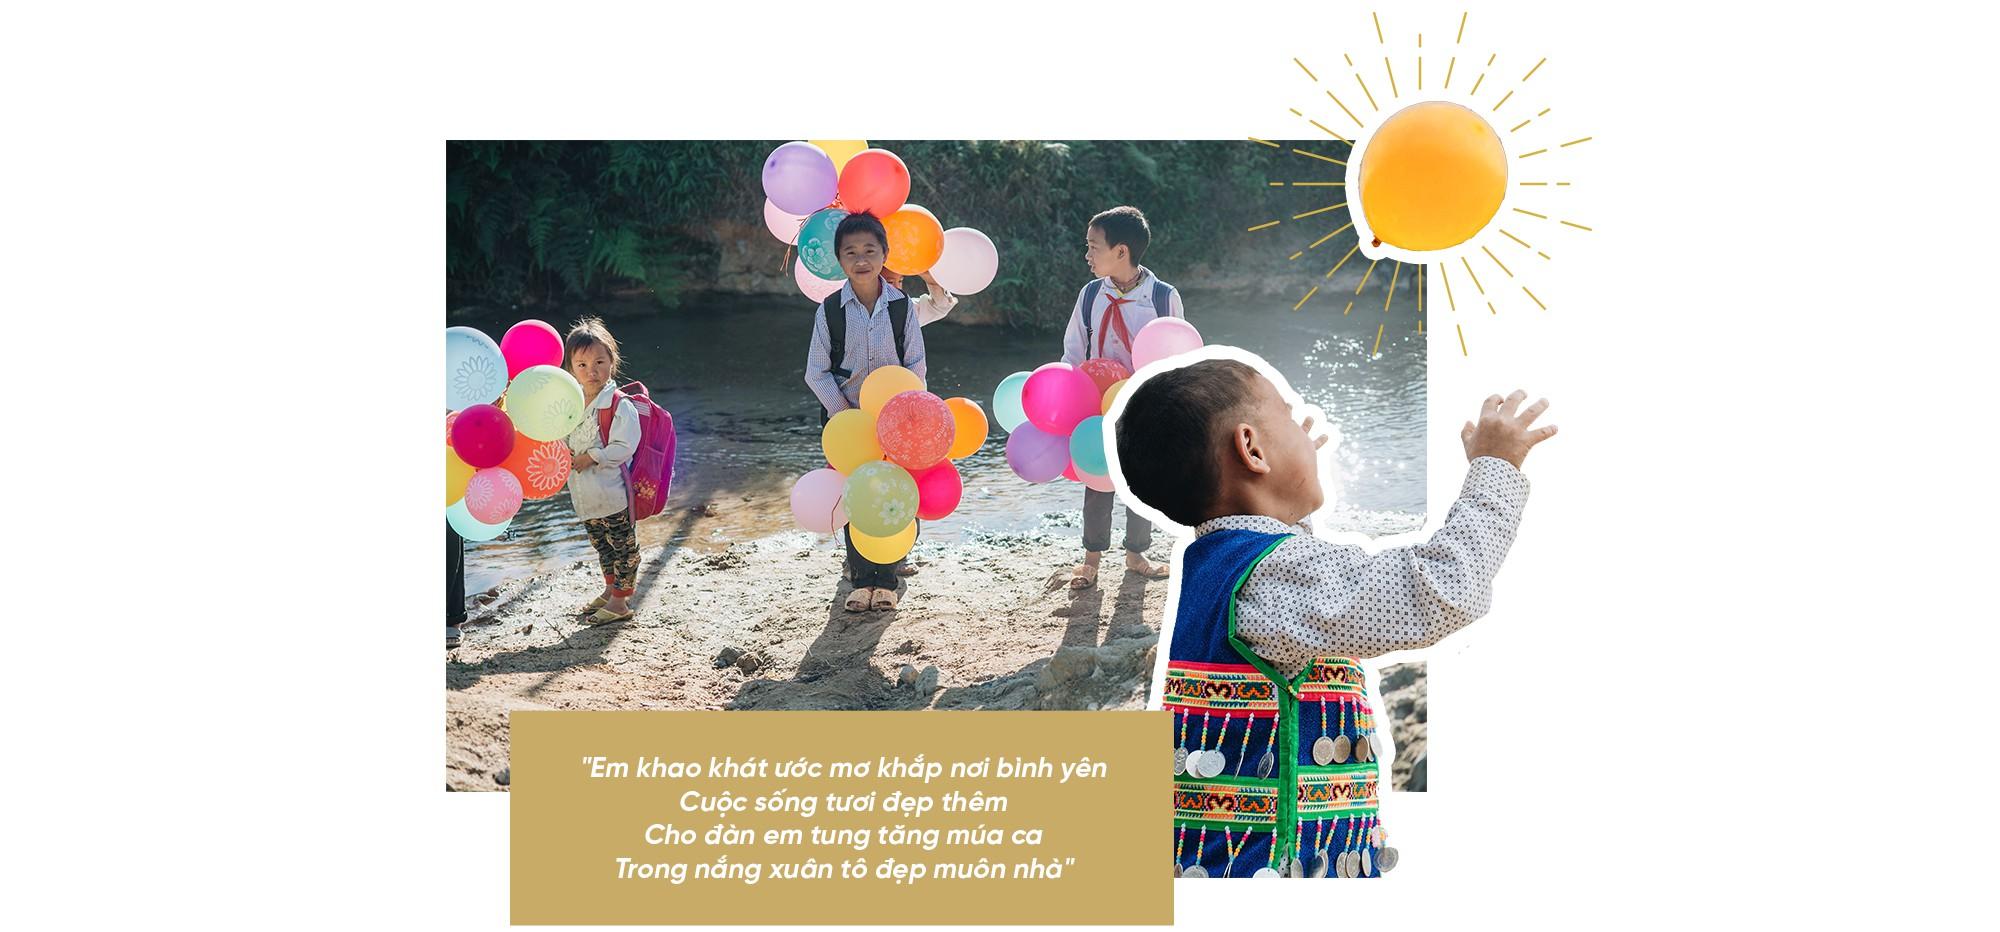 """Hành trình """"cõng ông mặt trời"""" cho lũ trẻ trên đỉnh trời Tri Lễ - Ảnh 13."""